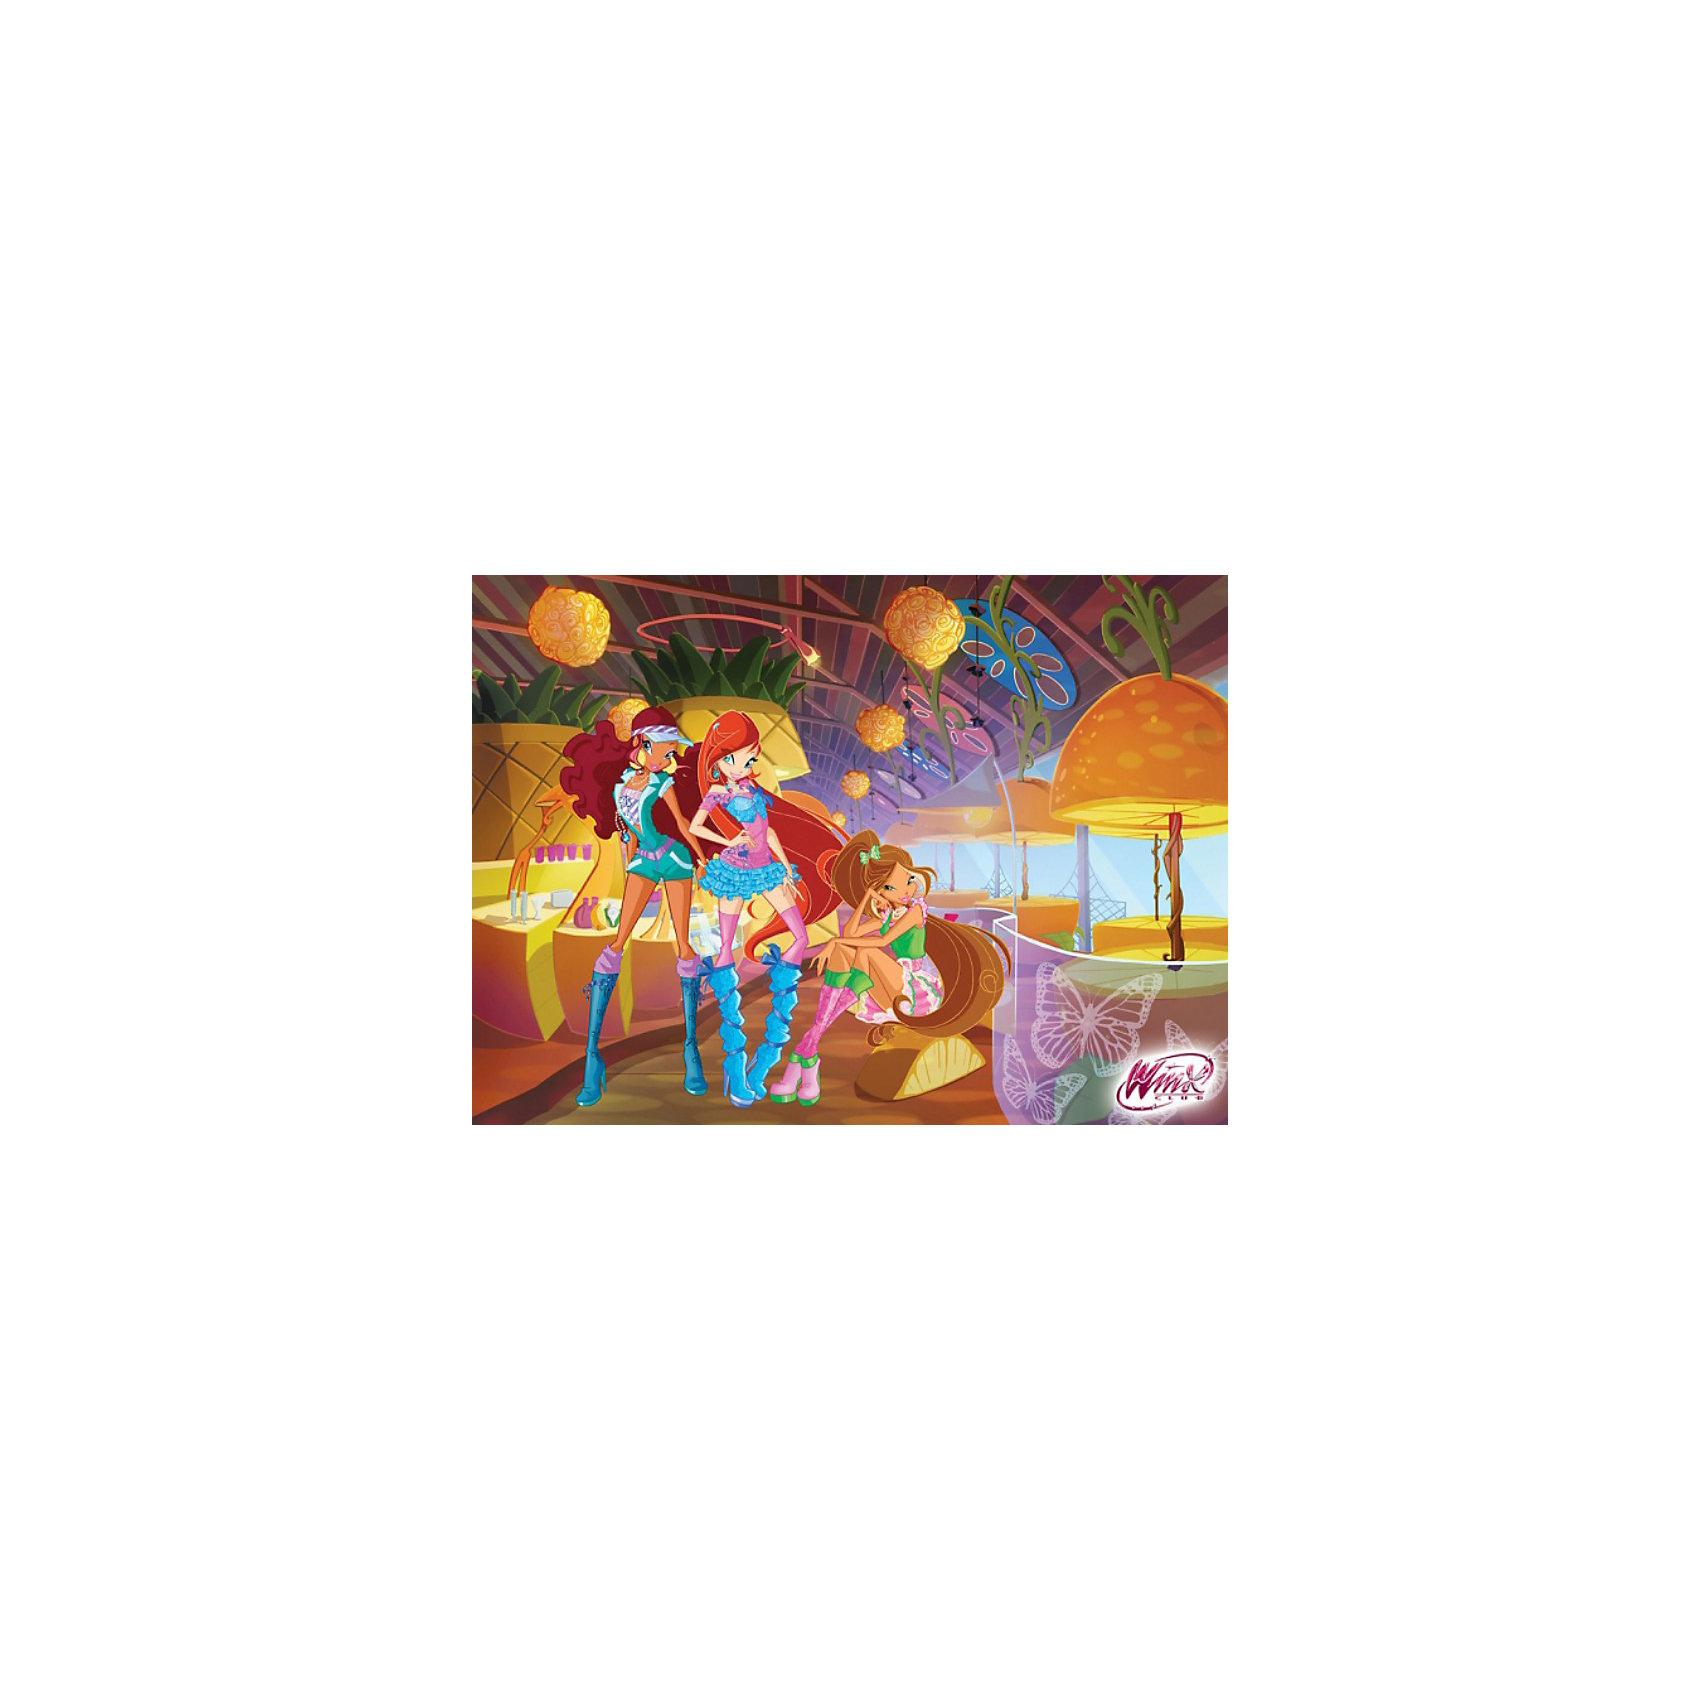 Пазл Вечеринка, Winx Club, 120 деталей, CastorlandПопулярные игрушки<br>Порадуйте себя и своего ребенка великолепным Пазлом Вечеринка, Winx Club (Винкс Клаб), 120 деталей, Castorland (Касторлэнд) с изображением героинь популярного мультфильма Школа волшебниц! <br><br>Несмотря на то, что феи Винкс обладают волшебной силой, они во многом напоминают обычных девочек – ходят в школу, любят музыку, играют, устраивают вечеринки.<br>Яркие и качественные детали этого пазла привлекут внимание ребенка и позволят ему с удовольствием собирать картинку.<br><br>Особенности:<br>-Способствуют развитию образного и логического мышления, наблюдательности, мелкой моторики<br>-Высокое качество: точная нарезка, обеспечивающая стыковку деталей, качественная проработка деталей картинки, яркая цветовая гамма<br>-Изготовлено из экологического сырья<br>-Матовая поверхность исключает неприятные отблески<br><br>Комплектация: 120 деталей<br><br>Дополнительная информация:<br><br>-Размеры собранного пазла: 32х23 см<br>-Материал: картон<br><br>Пазл «Вечеринка» – отличное развлечение для всех девочек, которые любят мультик про Школу Волшебниц!<br><br>Пазл Вечеринка, Winx Club (Винкс Клаб), 120 деталей, Castorland (Касторлэнд) можно купить в нашем магазине.<br><br>Ширина мм: 175<br>Глубина мм: 130<br>Высота мм: 37<br>Вес г: 150<br>Возраст от месяцев: 36<br>Возраст до месяцев: 1188<br>Пол: Женский<br>Возраст: Детский<br>Количество деталей: 120<br>SKU: 3574401